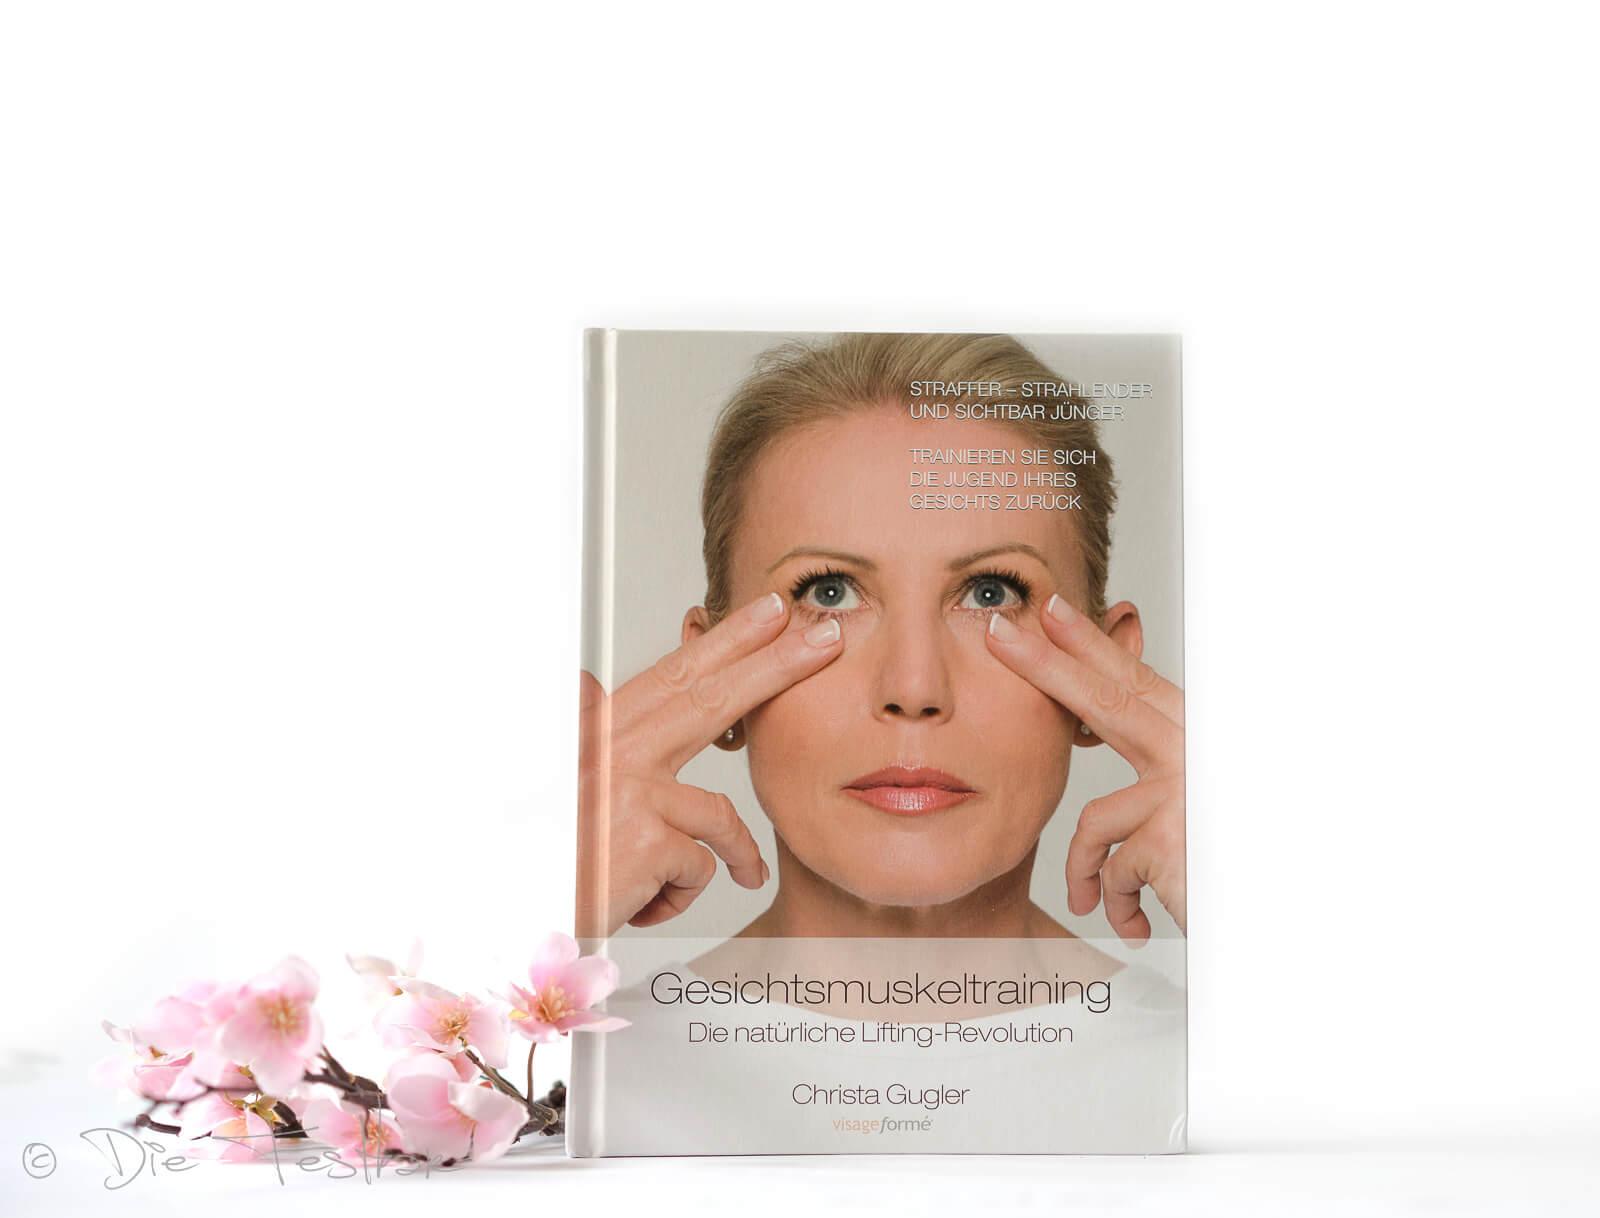 Mein Buch: Gesichtsmuskeltraining Die natürliche Lifting-Revolution